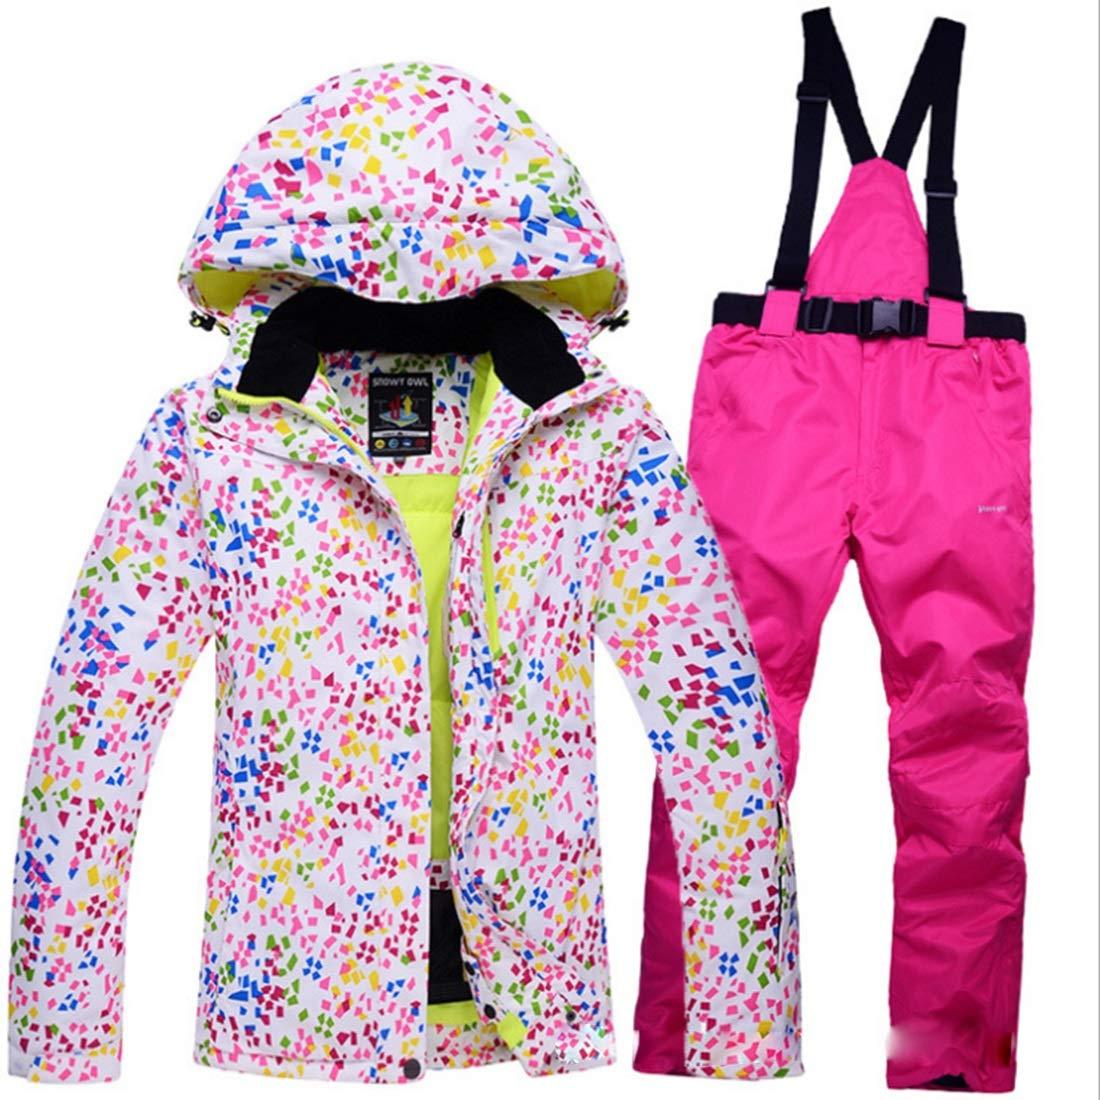 2 RABILTY Women's Ski Jacket High Windproof Waterproof Technology Snow Jacket